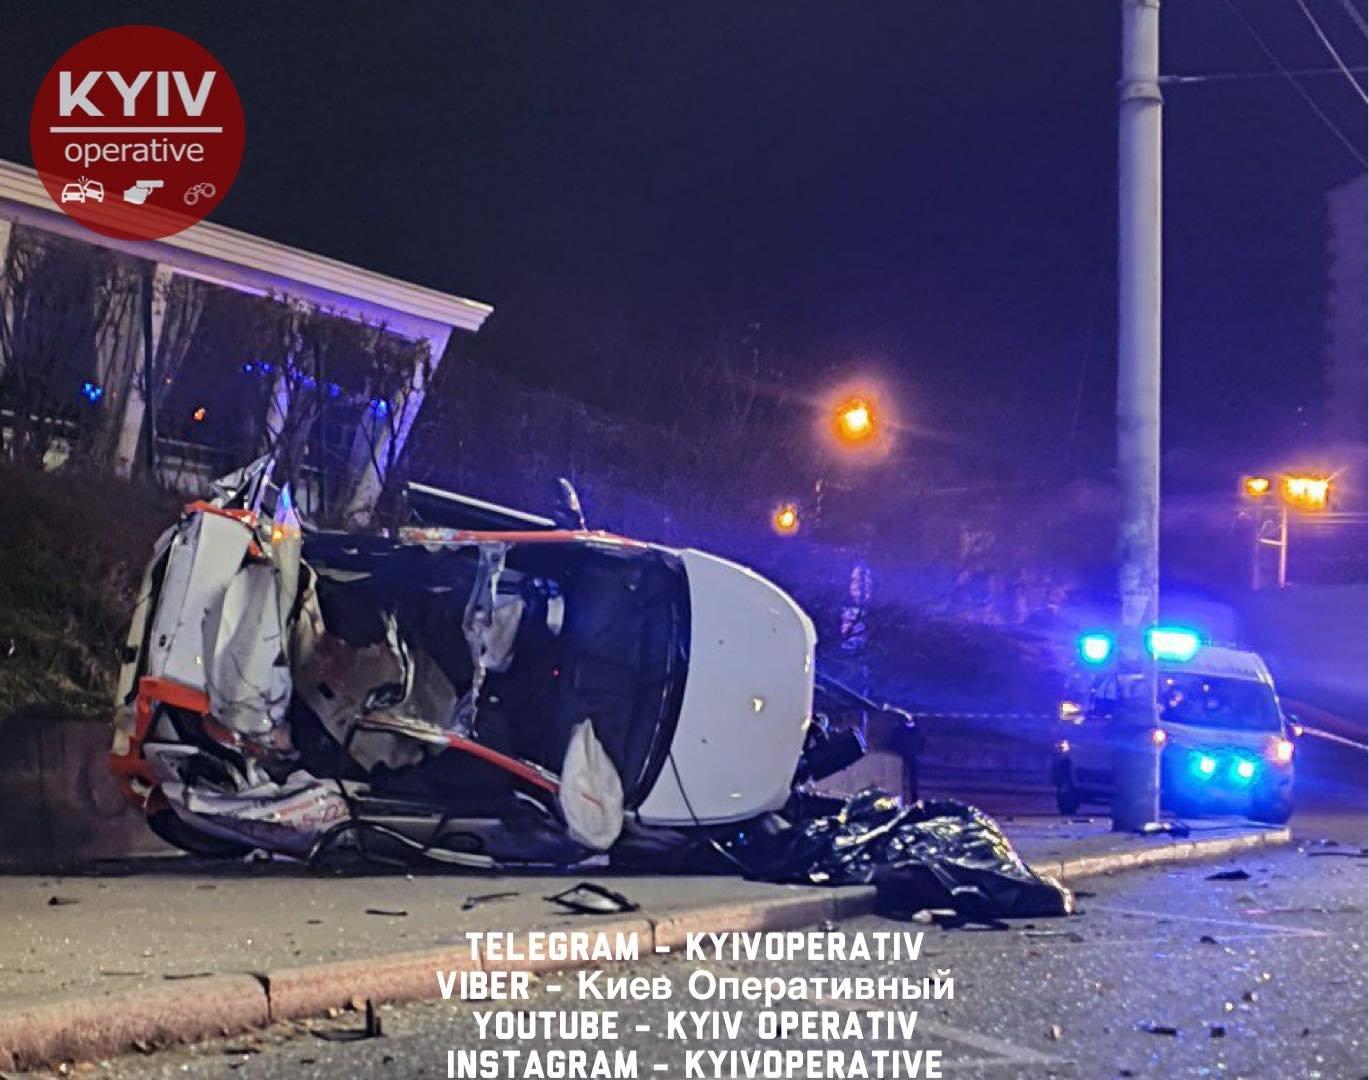 ДТП с участием автомобиля из службы краткосрочной аренды, Facebook «Киев Оперативный»